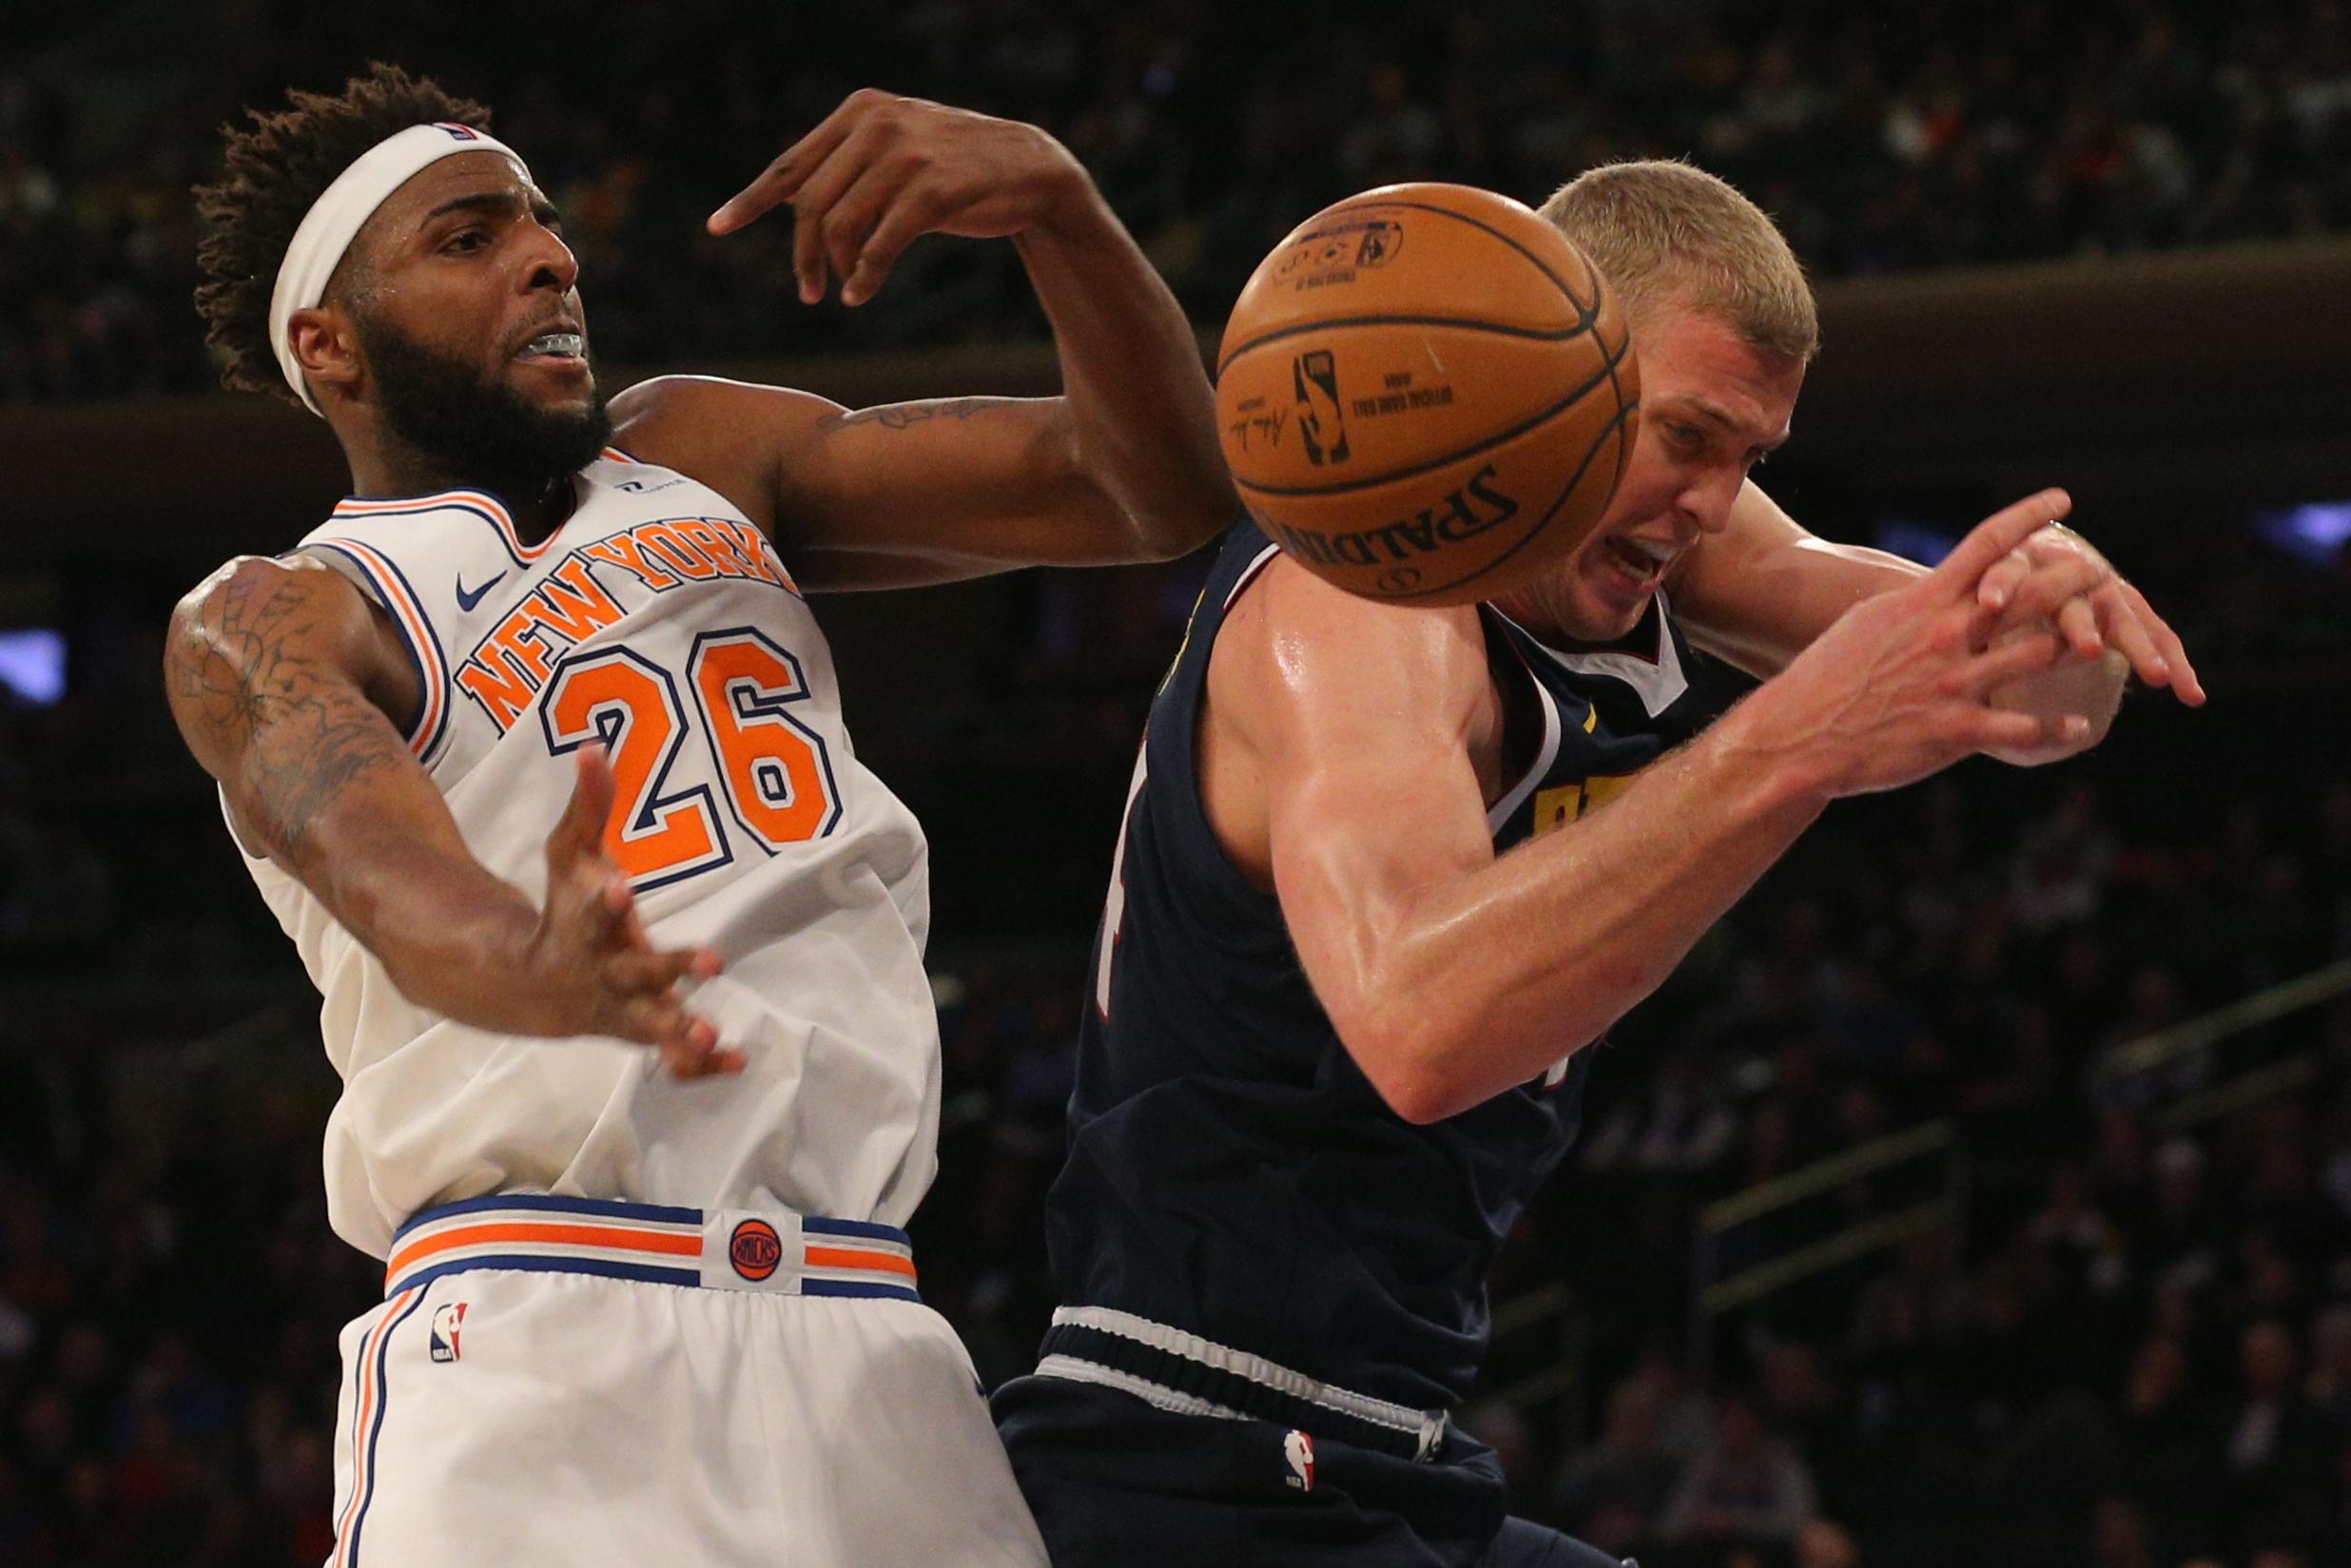 NBA: Denver Nuggets at New York Knicks